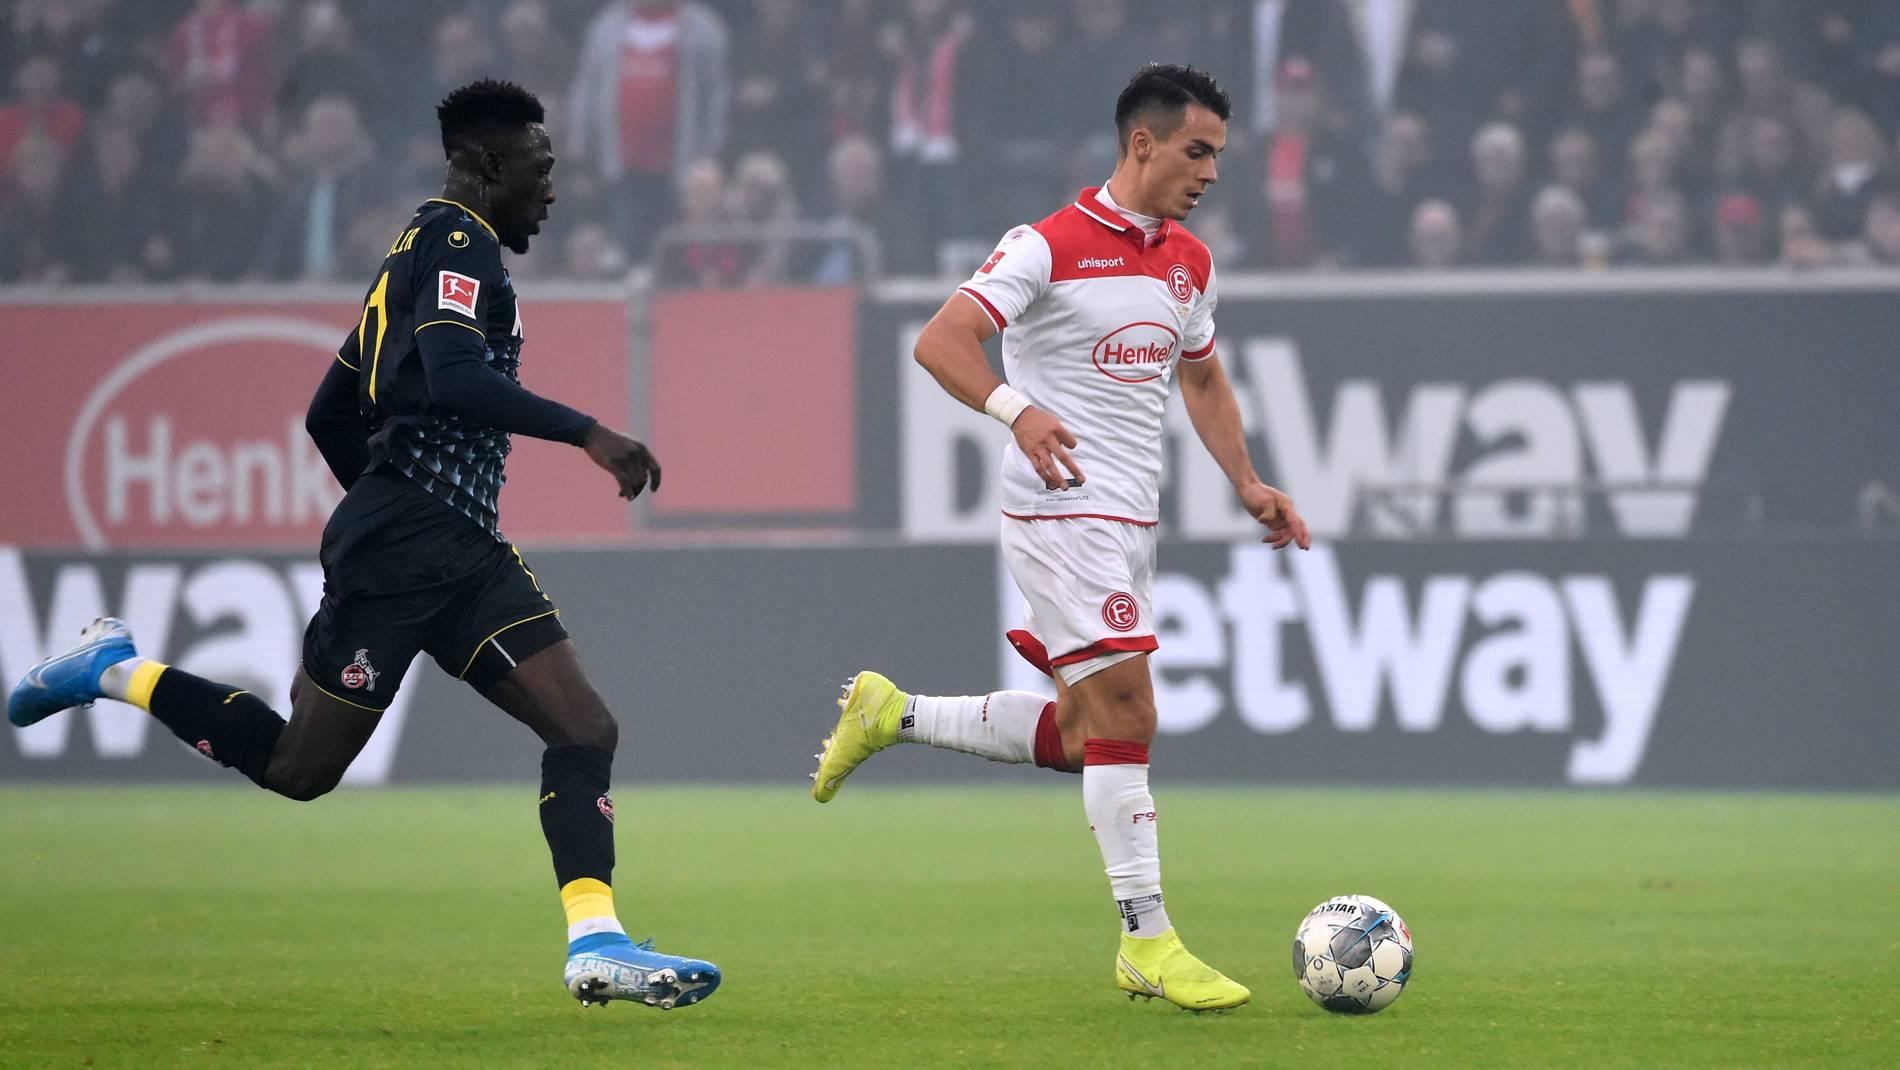 Fortuna Dusseldorf Feiert Gegen Koln Einen Sieg Der Mentalitat